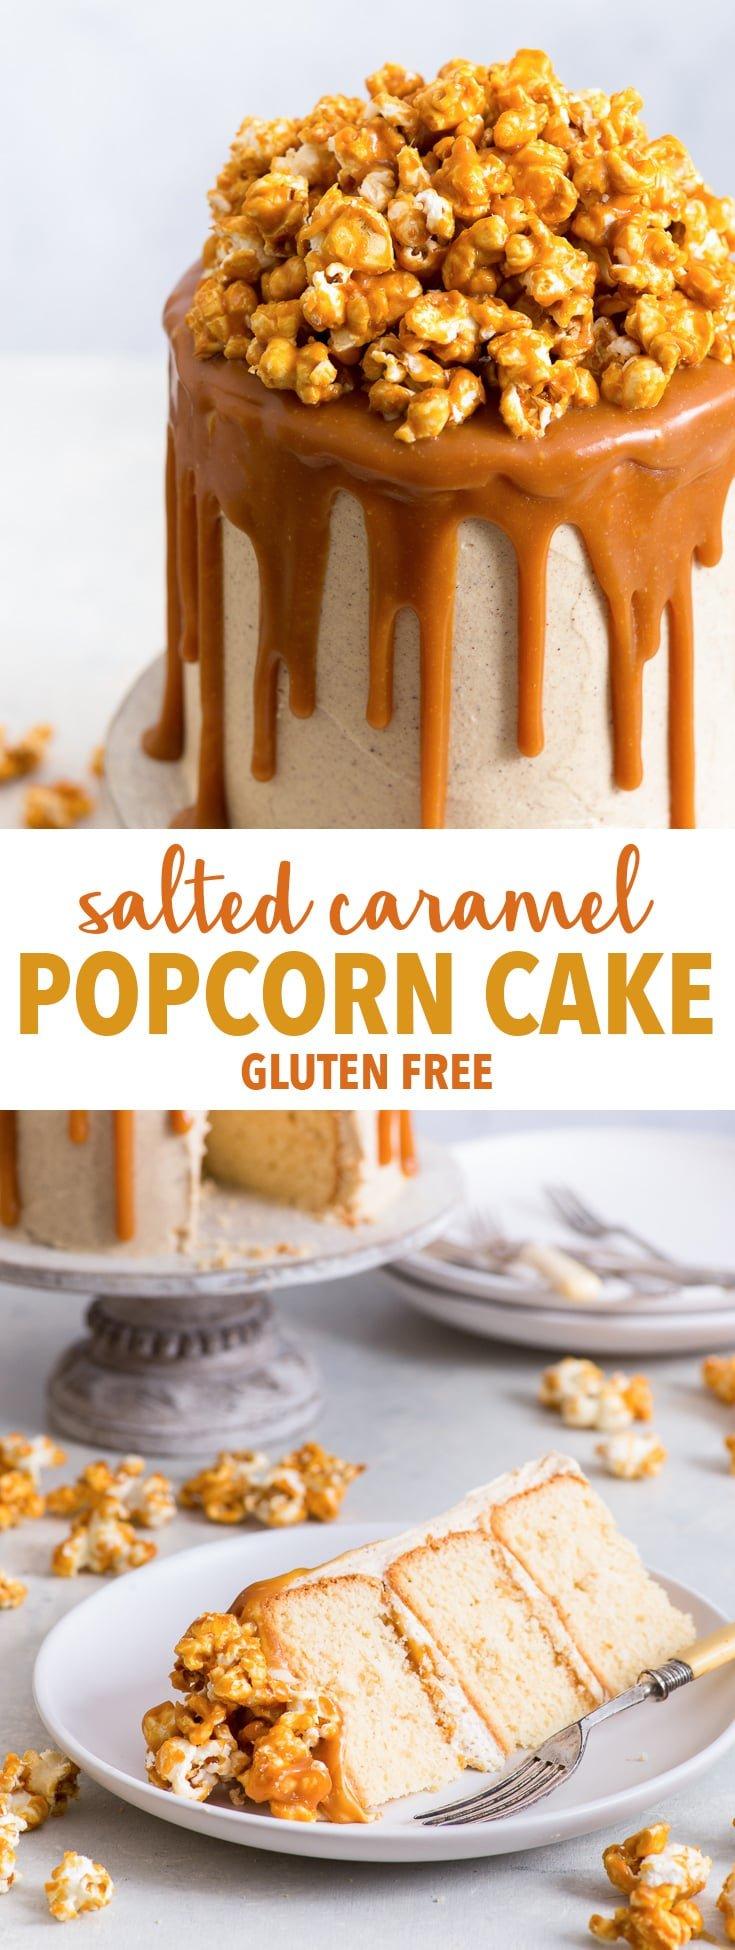 Gluten Free Peanut Butter Cake Recipe